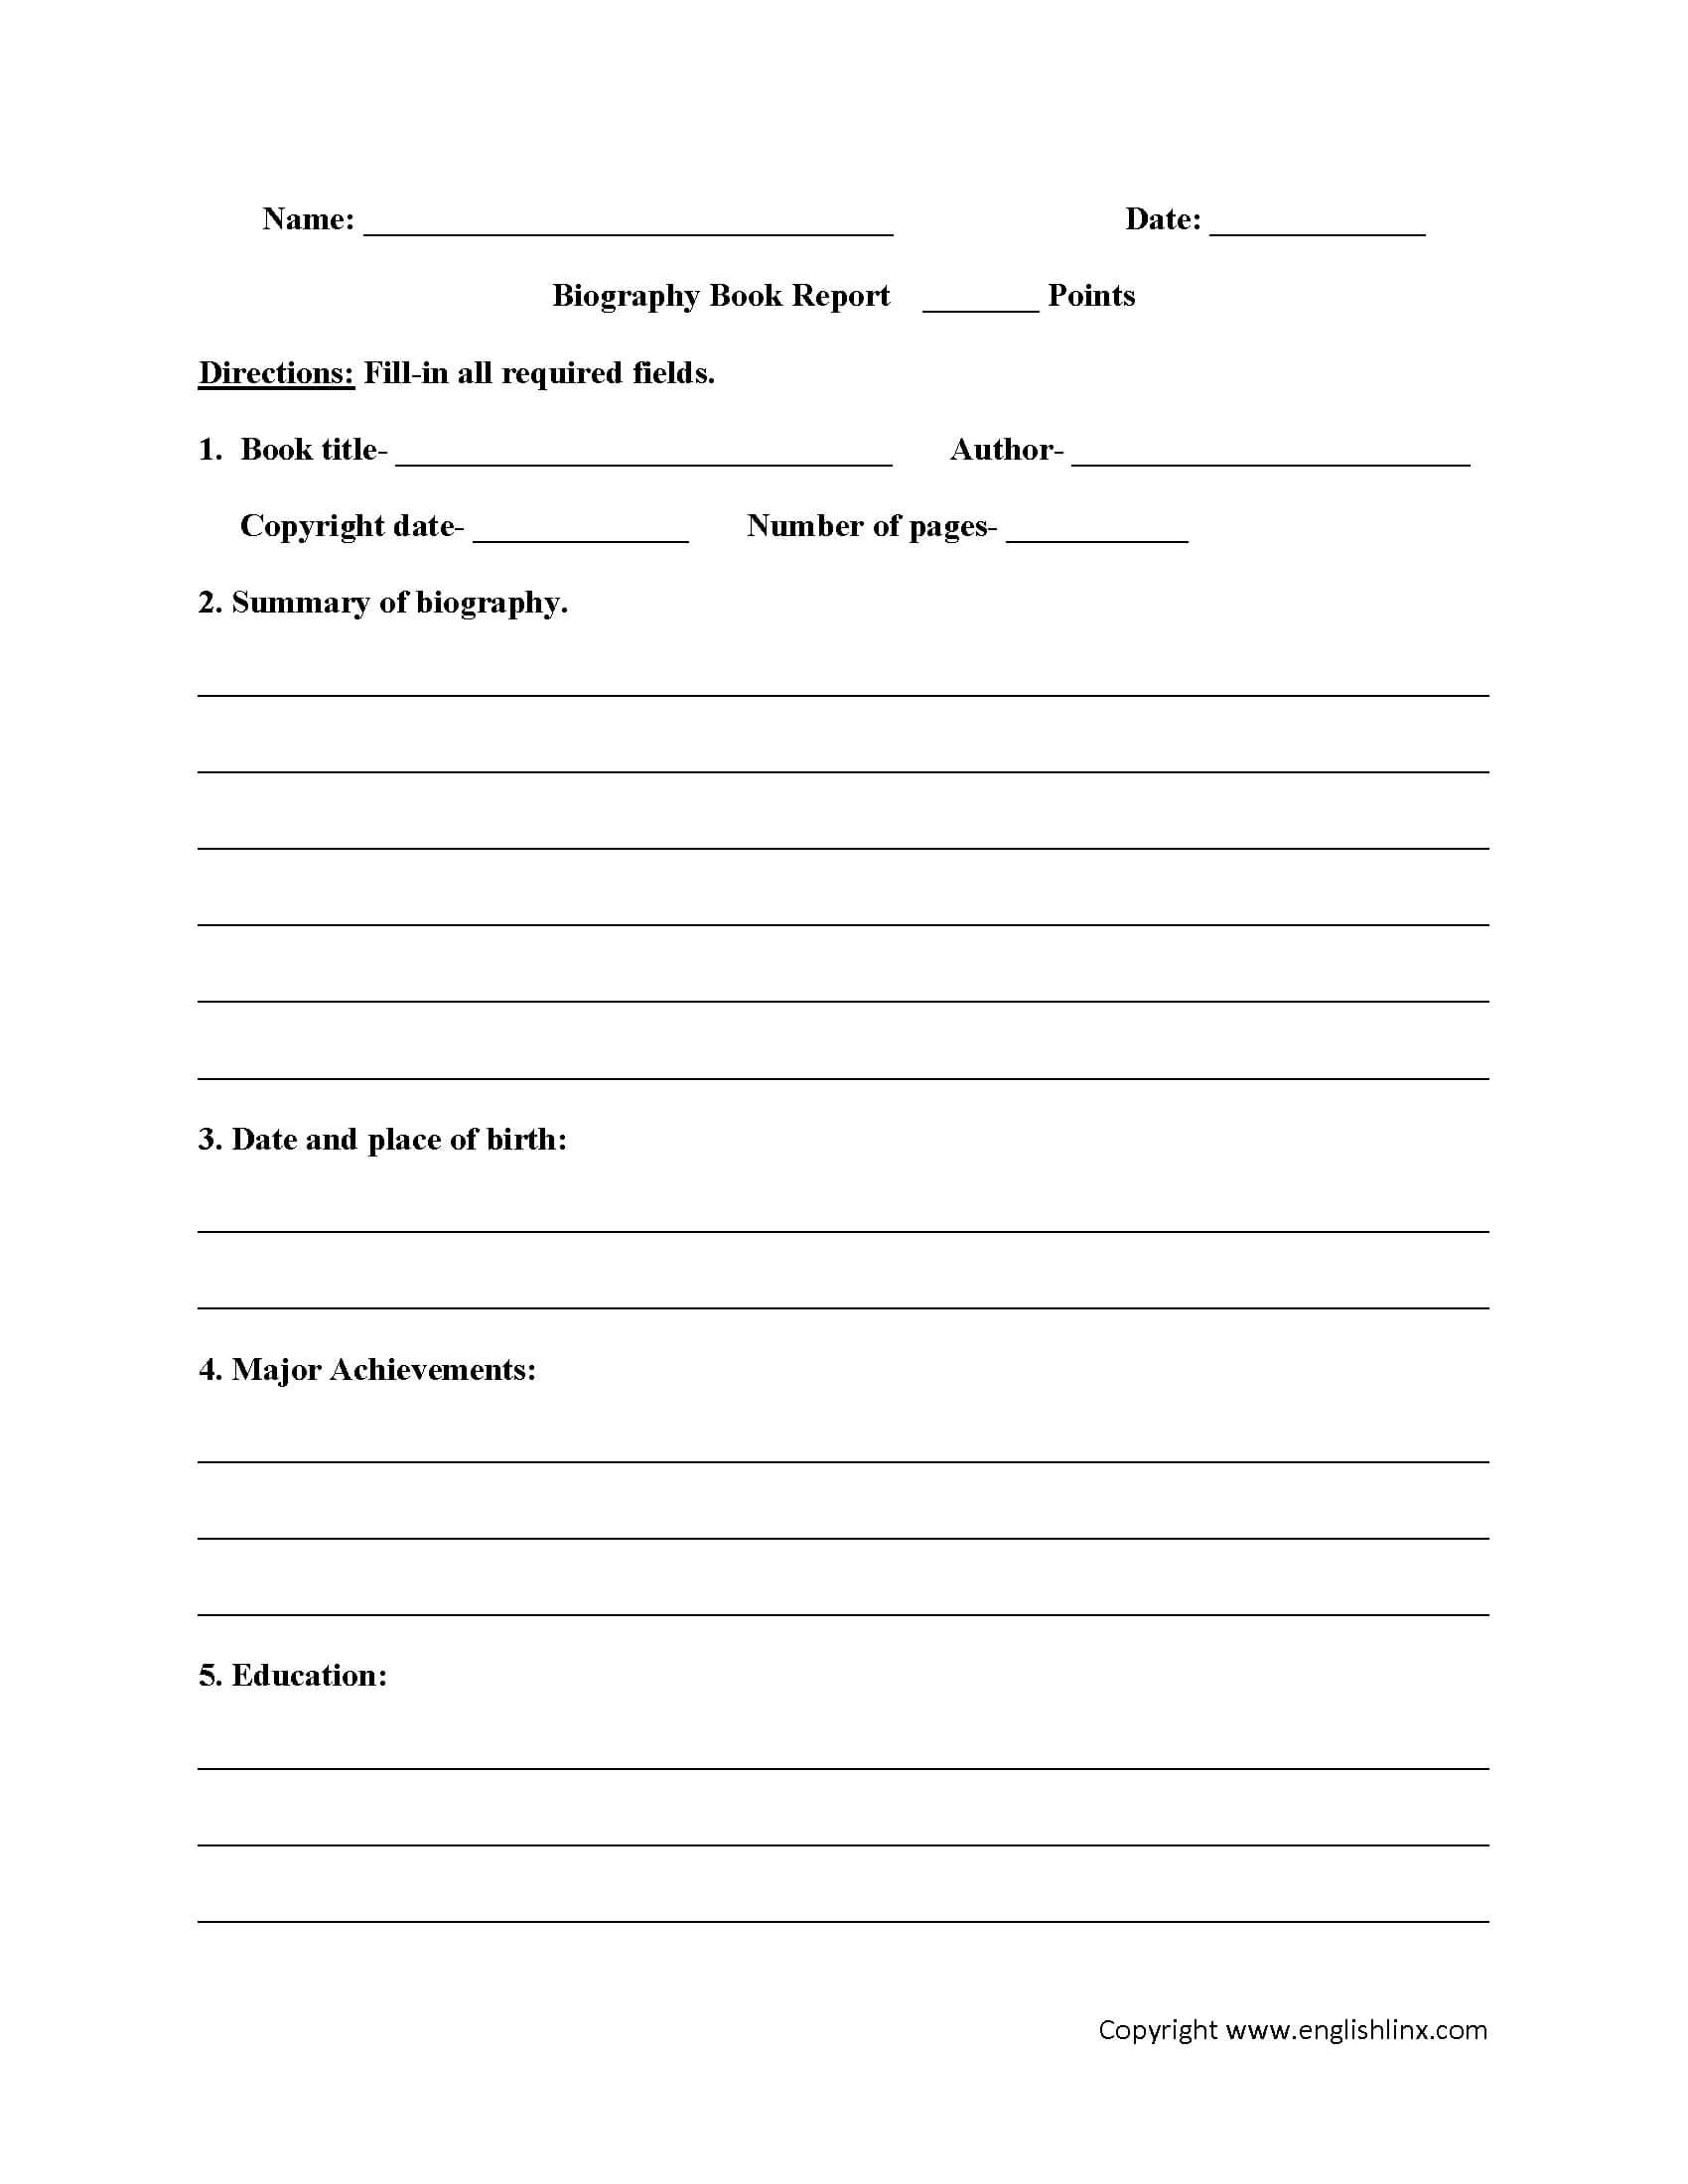 Book Report Worksheets | Biography Book Report Worksheets Regarding Biography Book Report Template